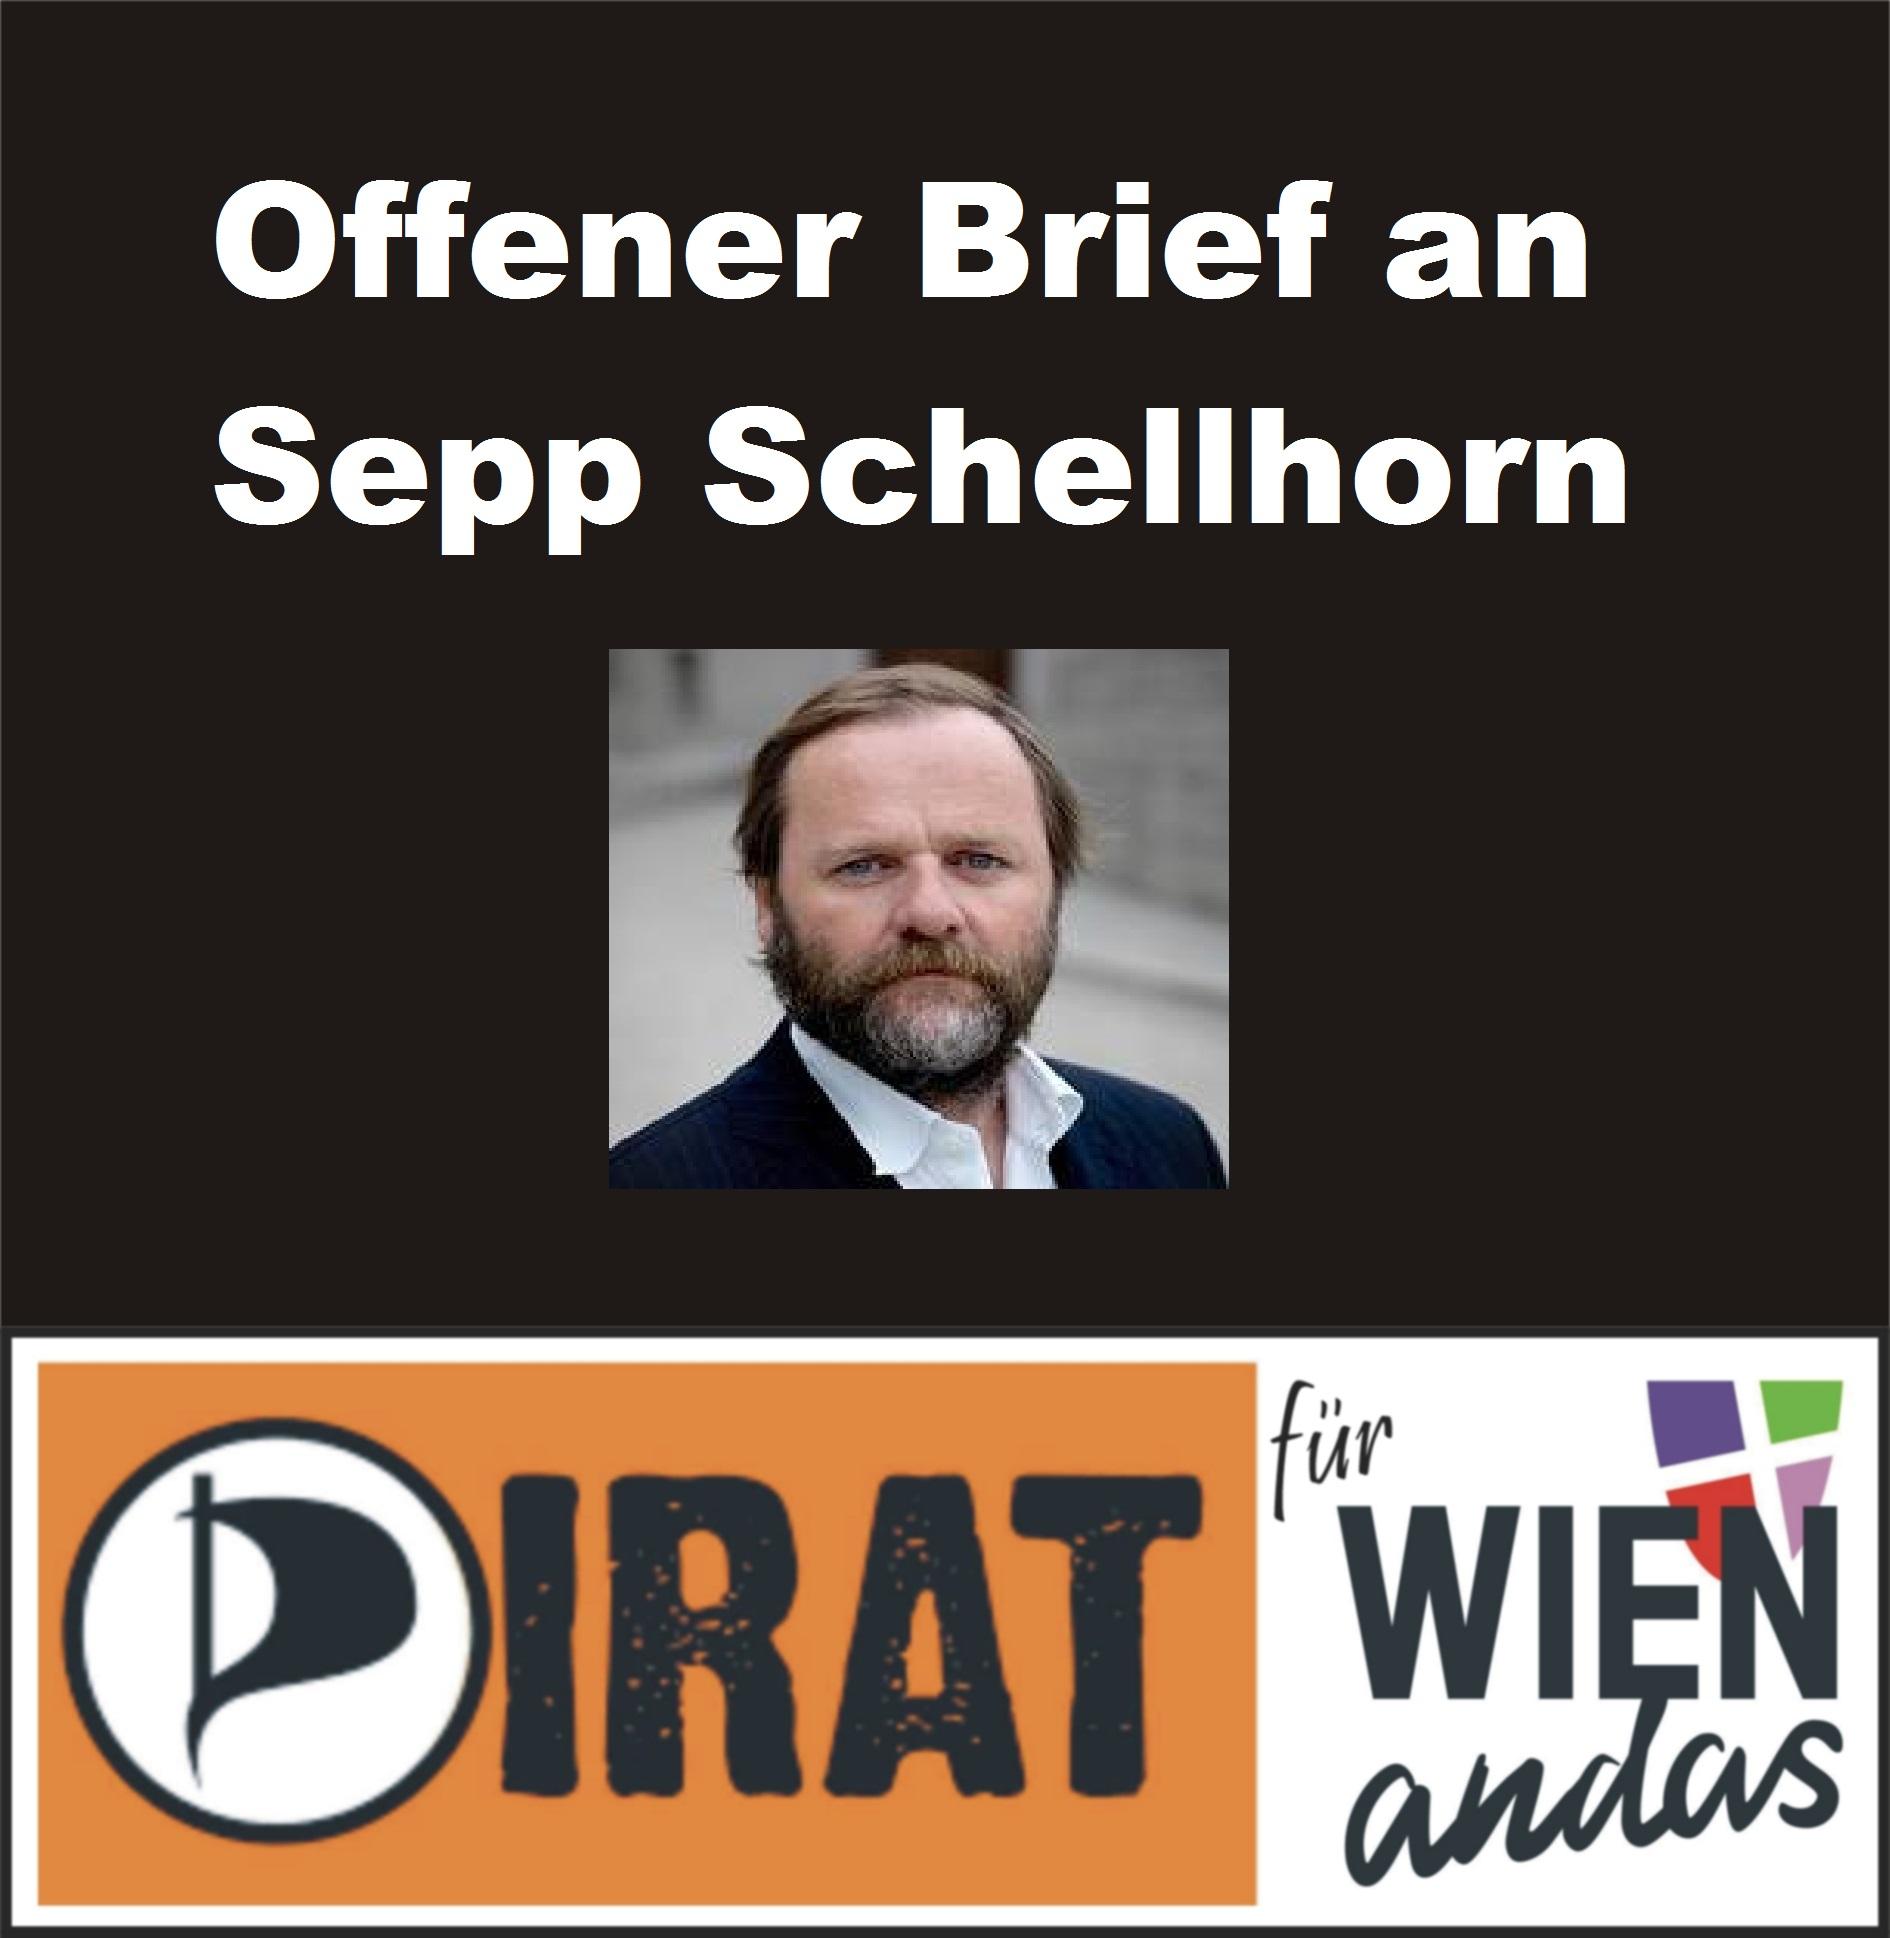 Offener Brief an Sepp Schellhorn